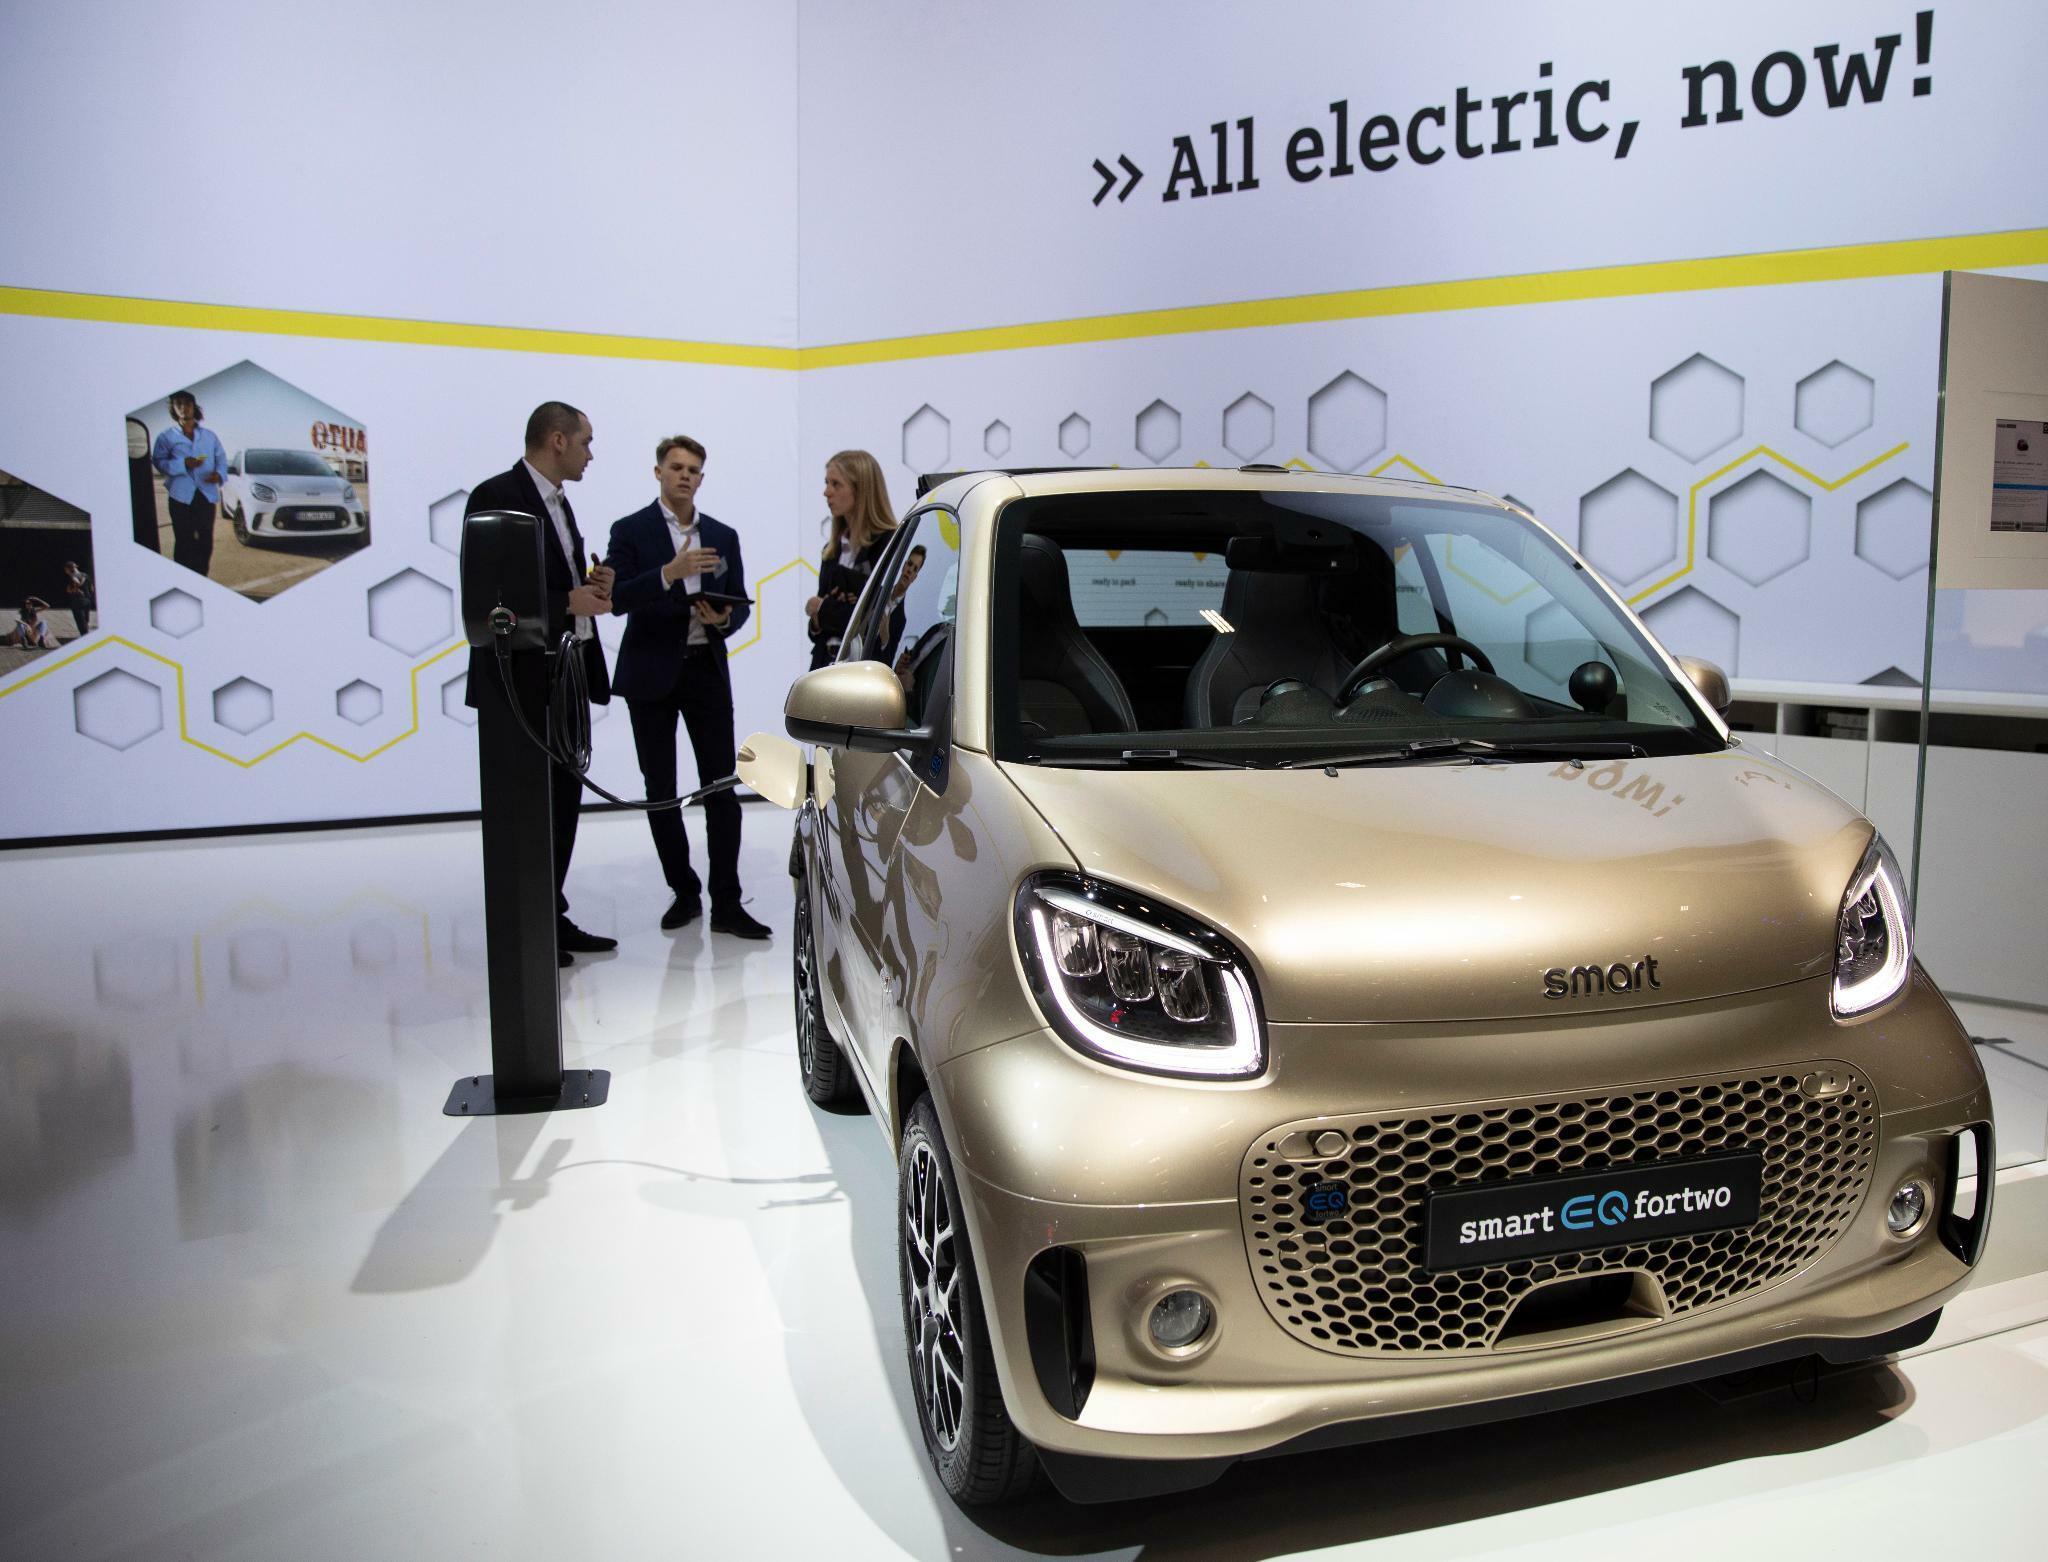 Die neuen E-Smarts sind Daimlers winzige CO2-Hoffnung